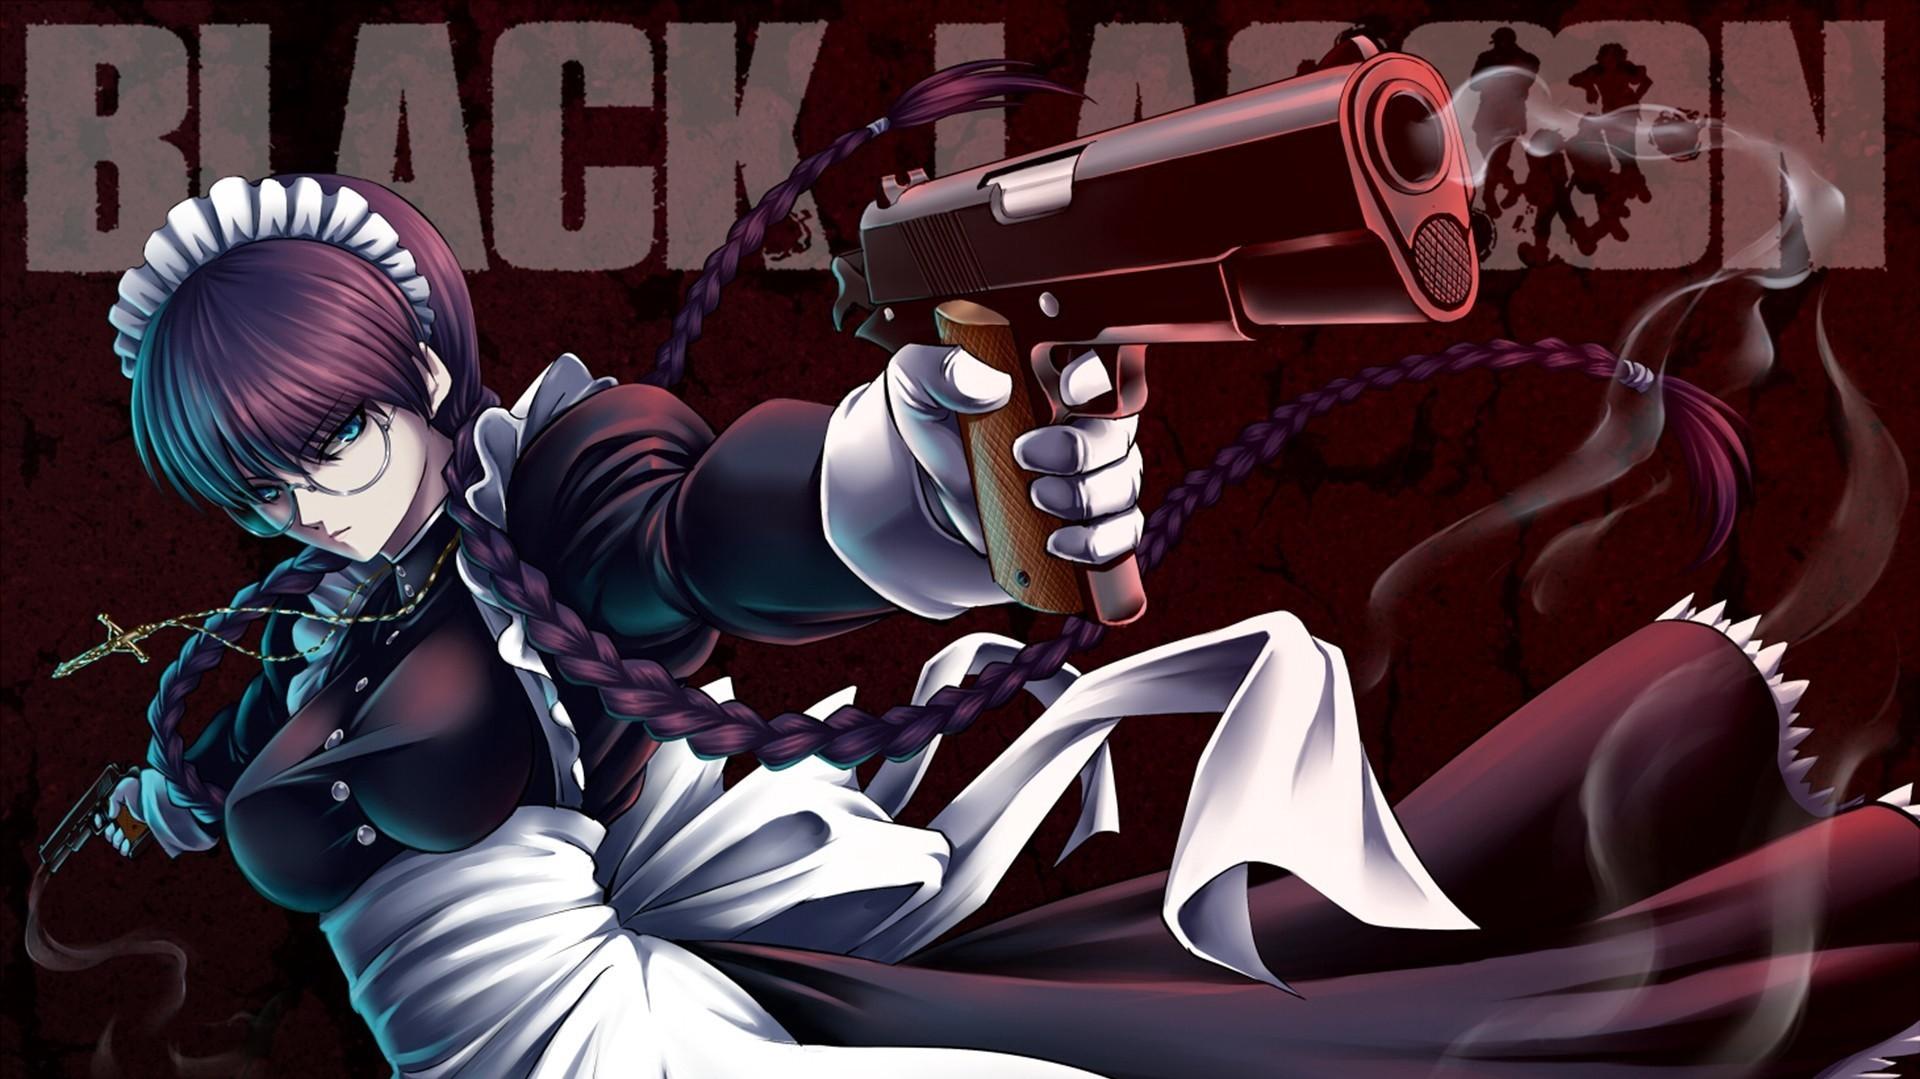 デスクトップ壁紙 図 銃 アニメの女の子 ブラックラグーン